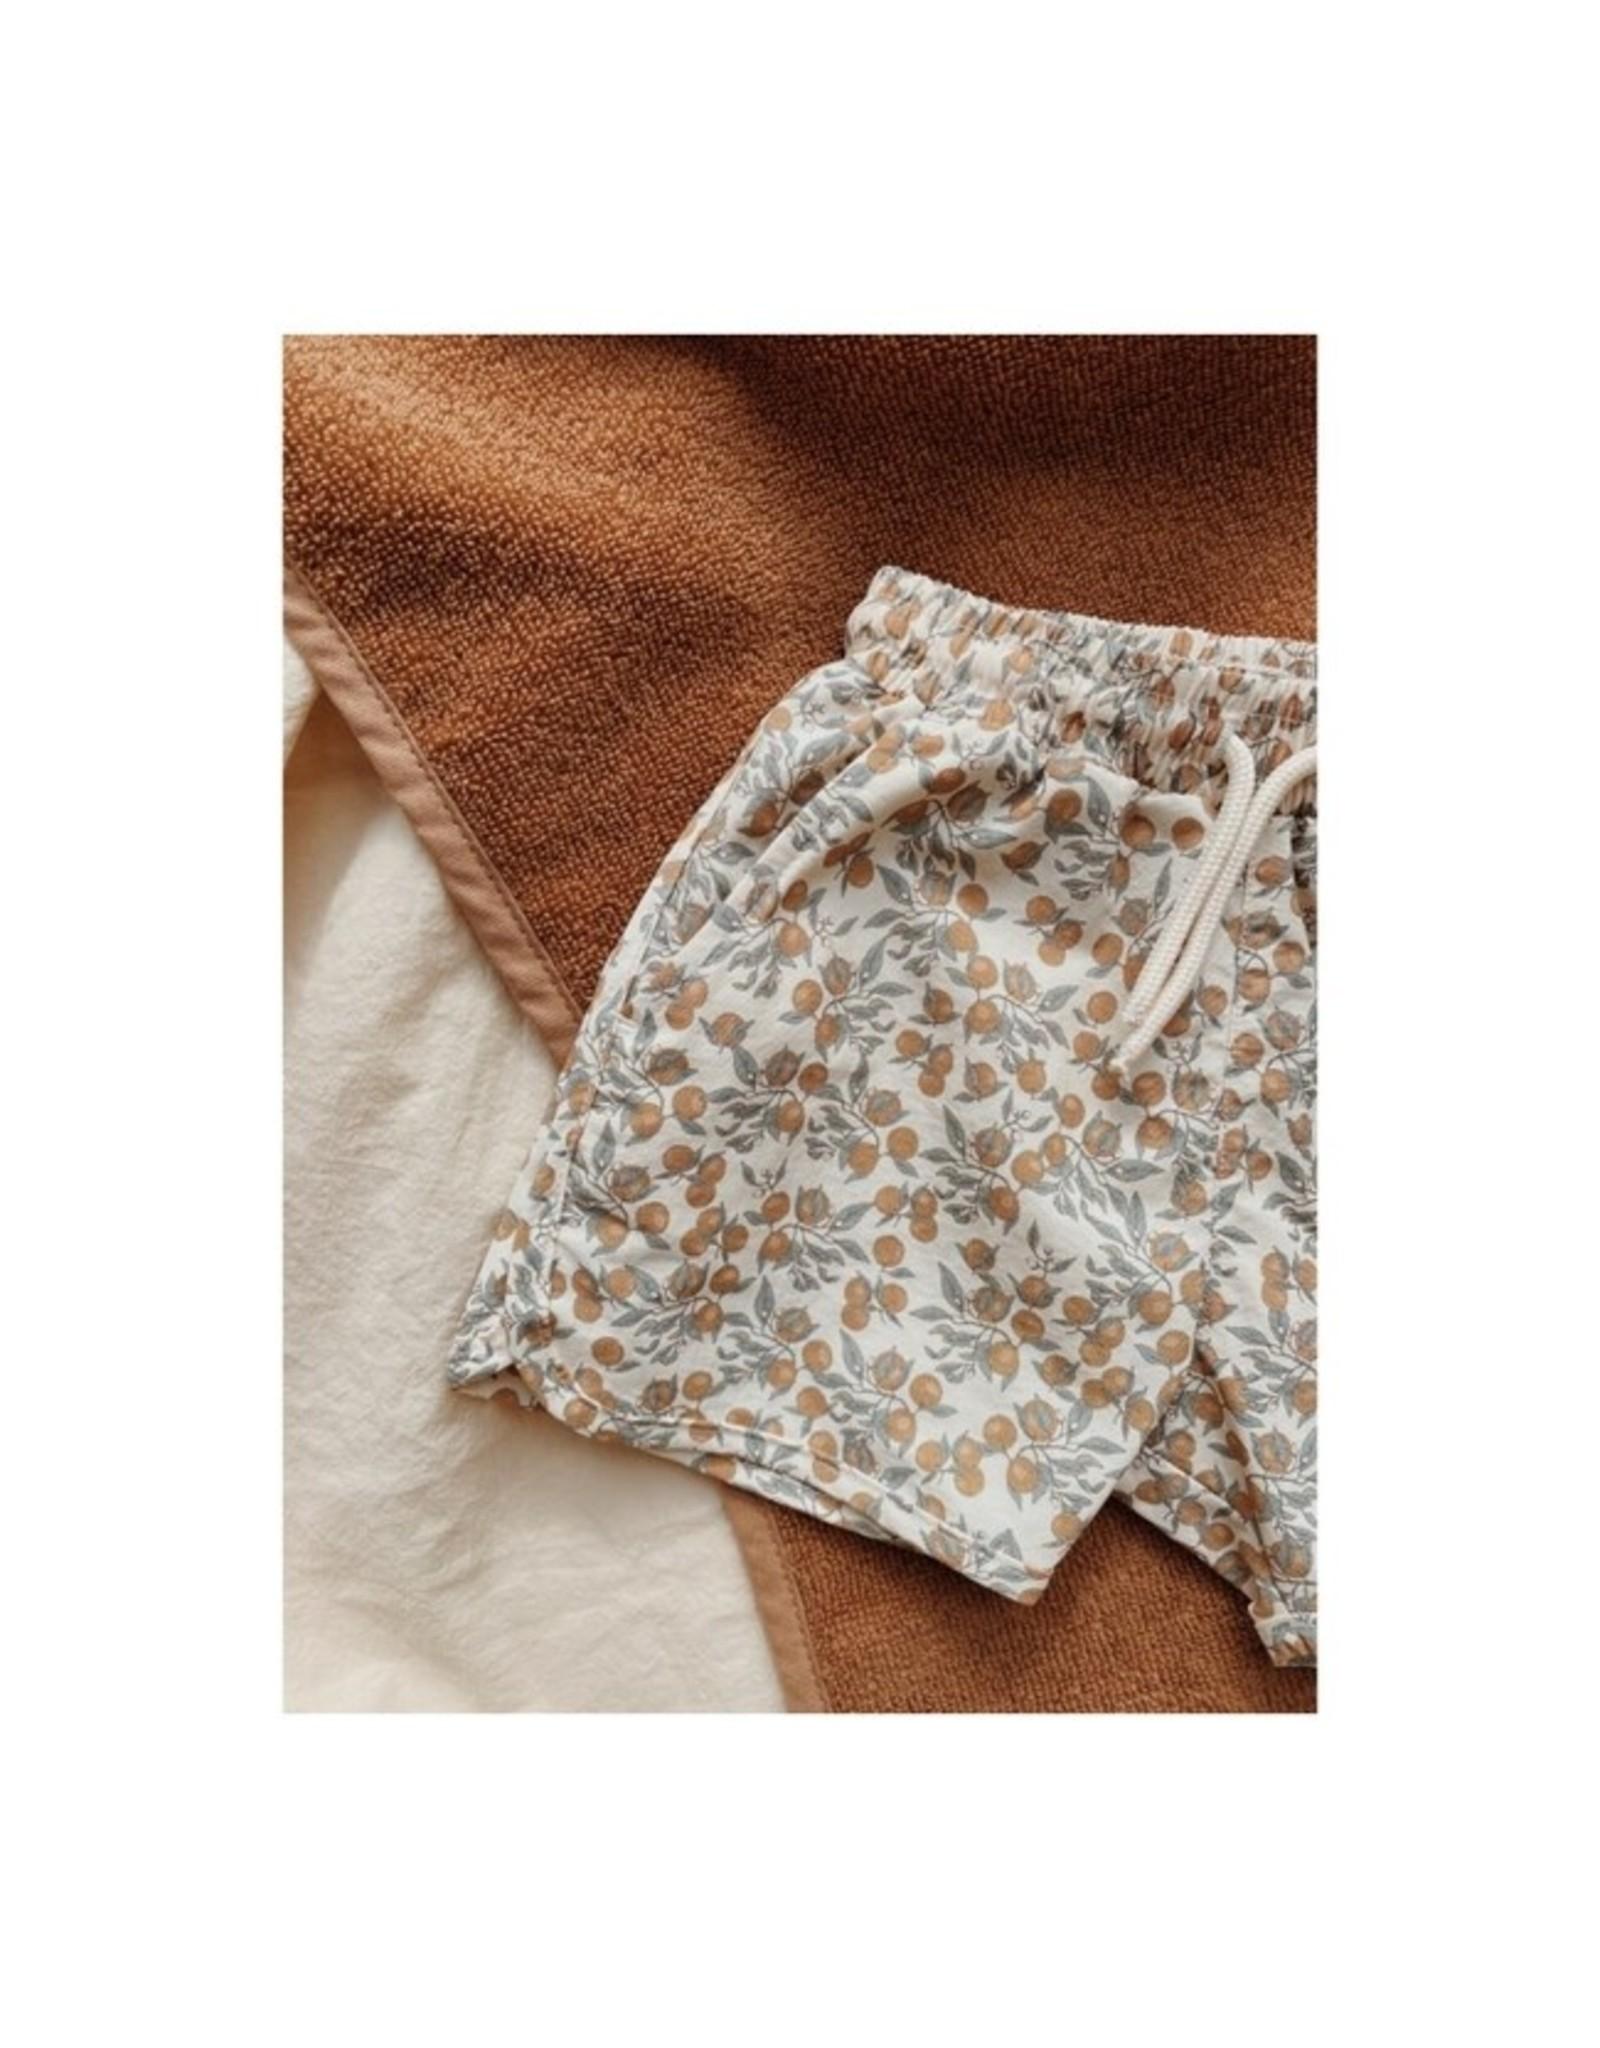 Konges Slojd Aster boy Swimpants - Orangery Beige